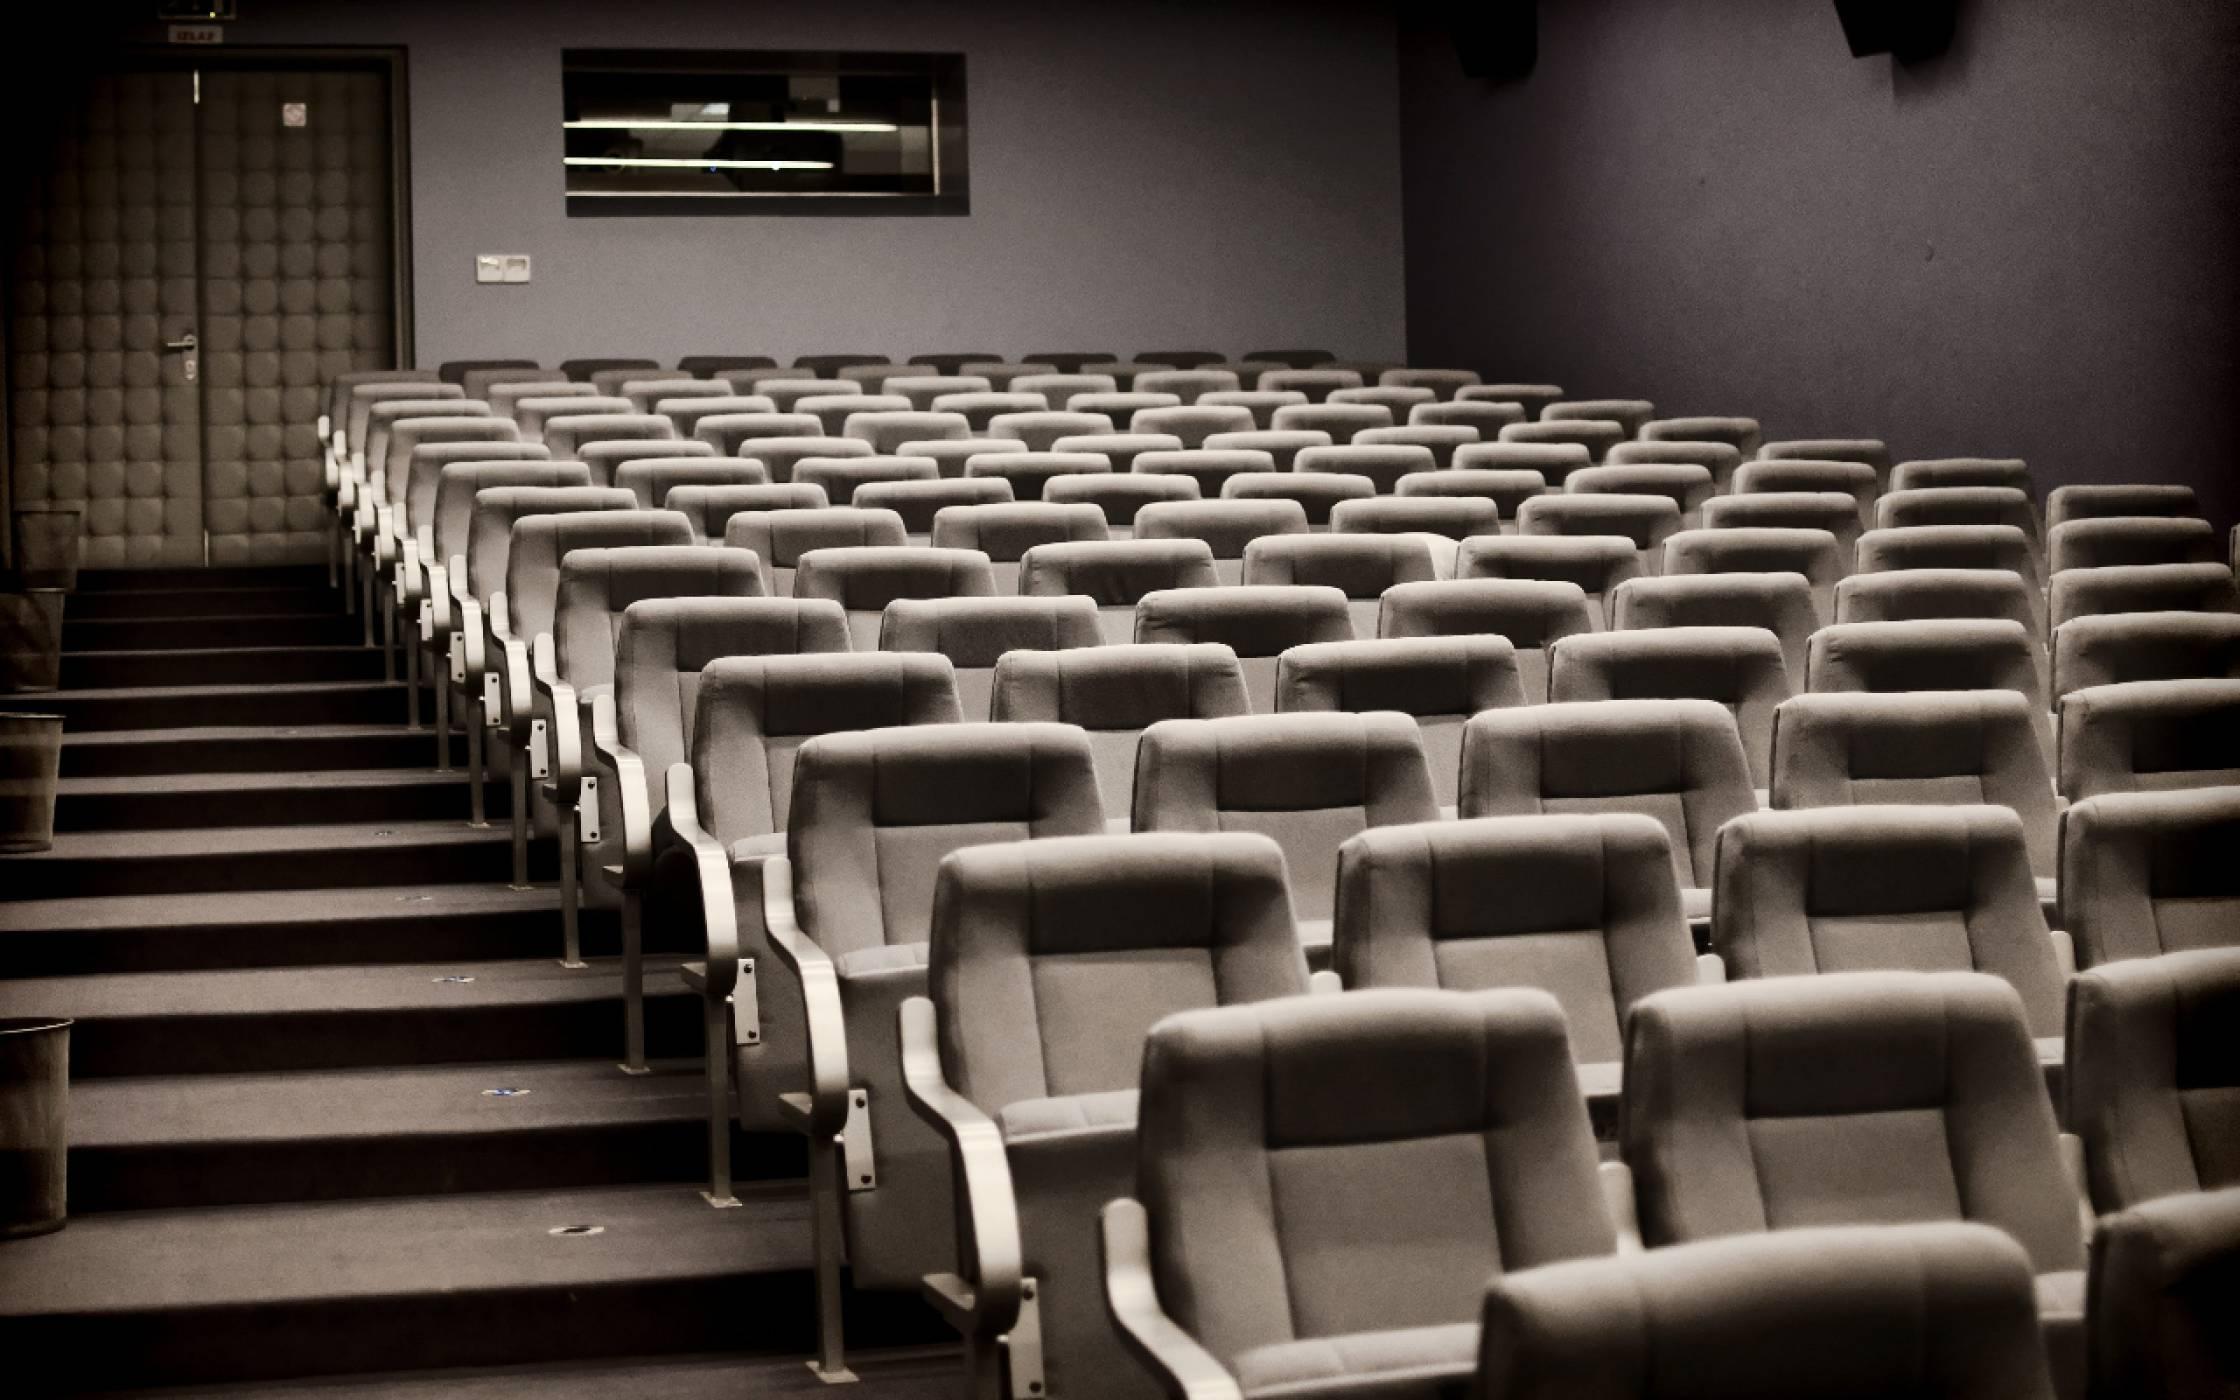 Кинохитът Tenet на Кристофър Нолан отложен заради новия скок на заразата в САЩ